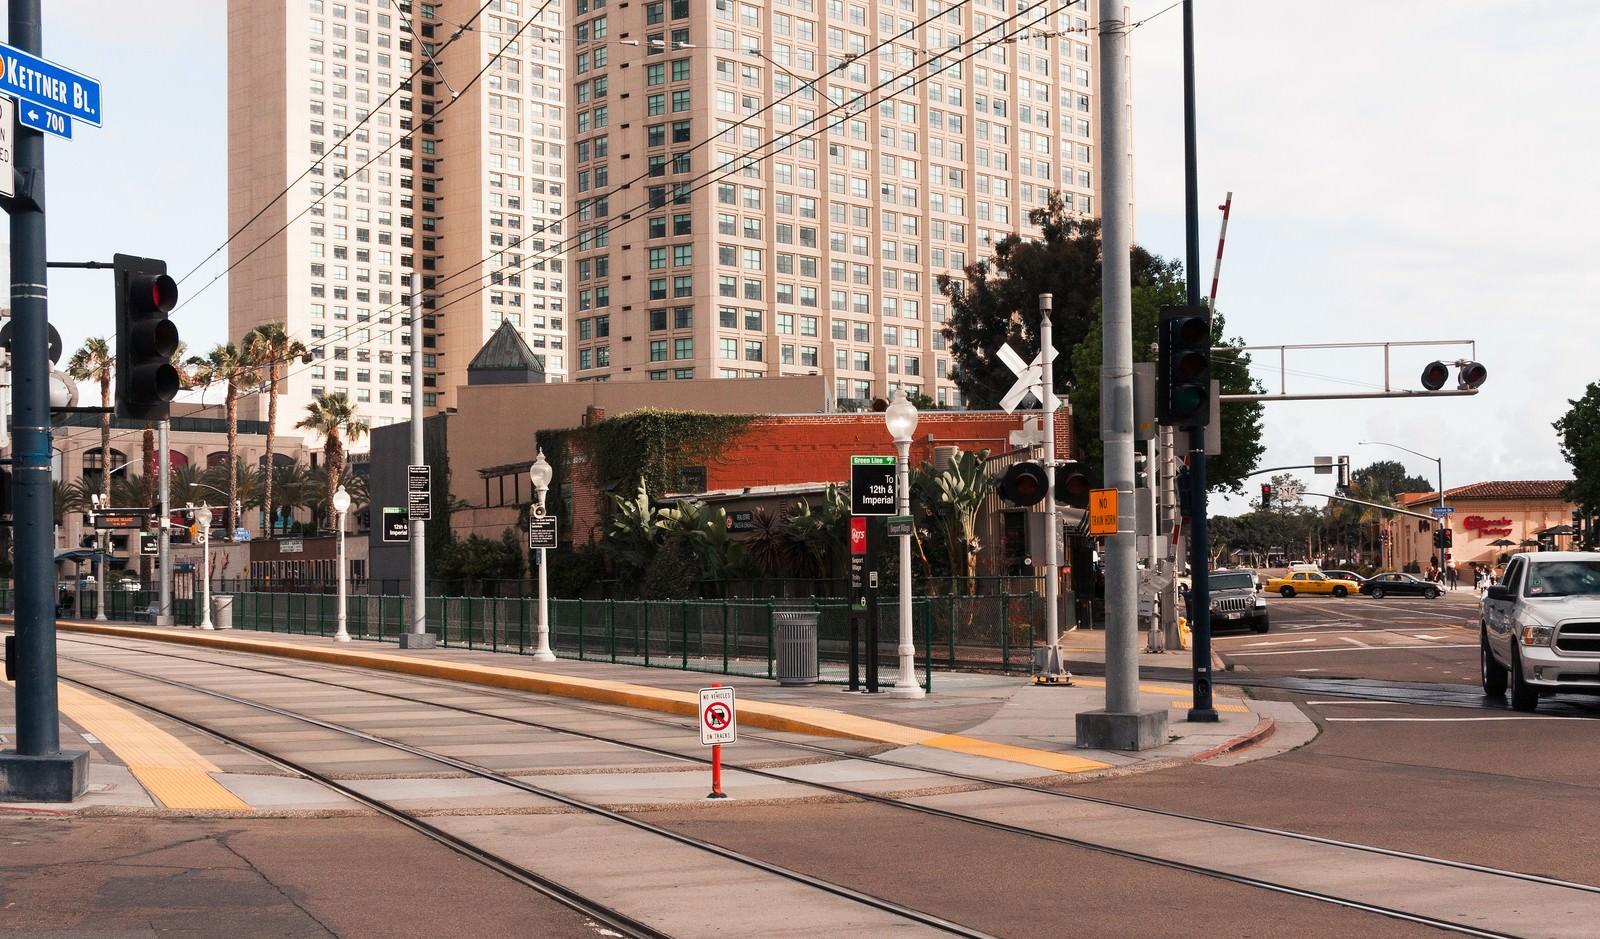 「サンディエゴ・トロリーの停車場」の写真